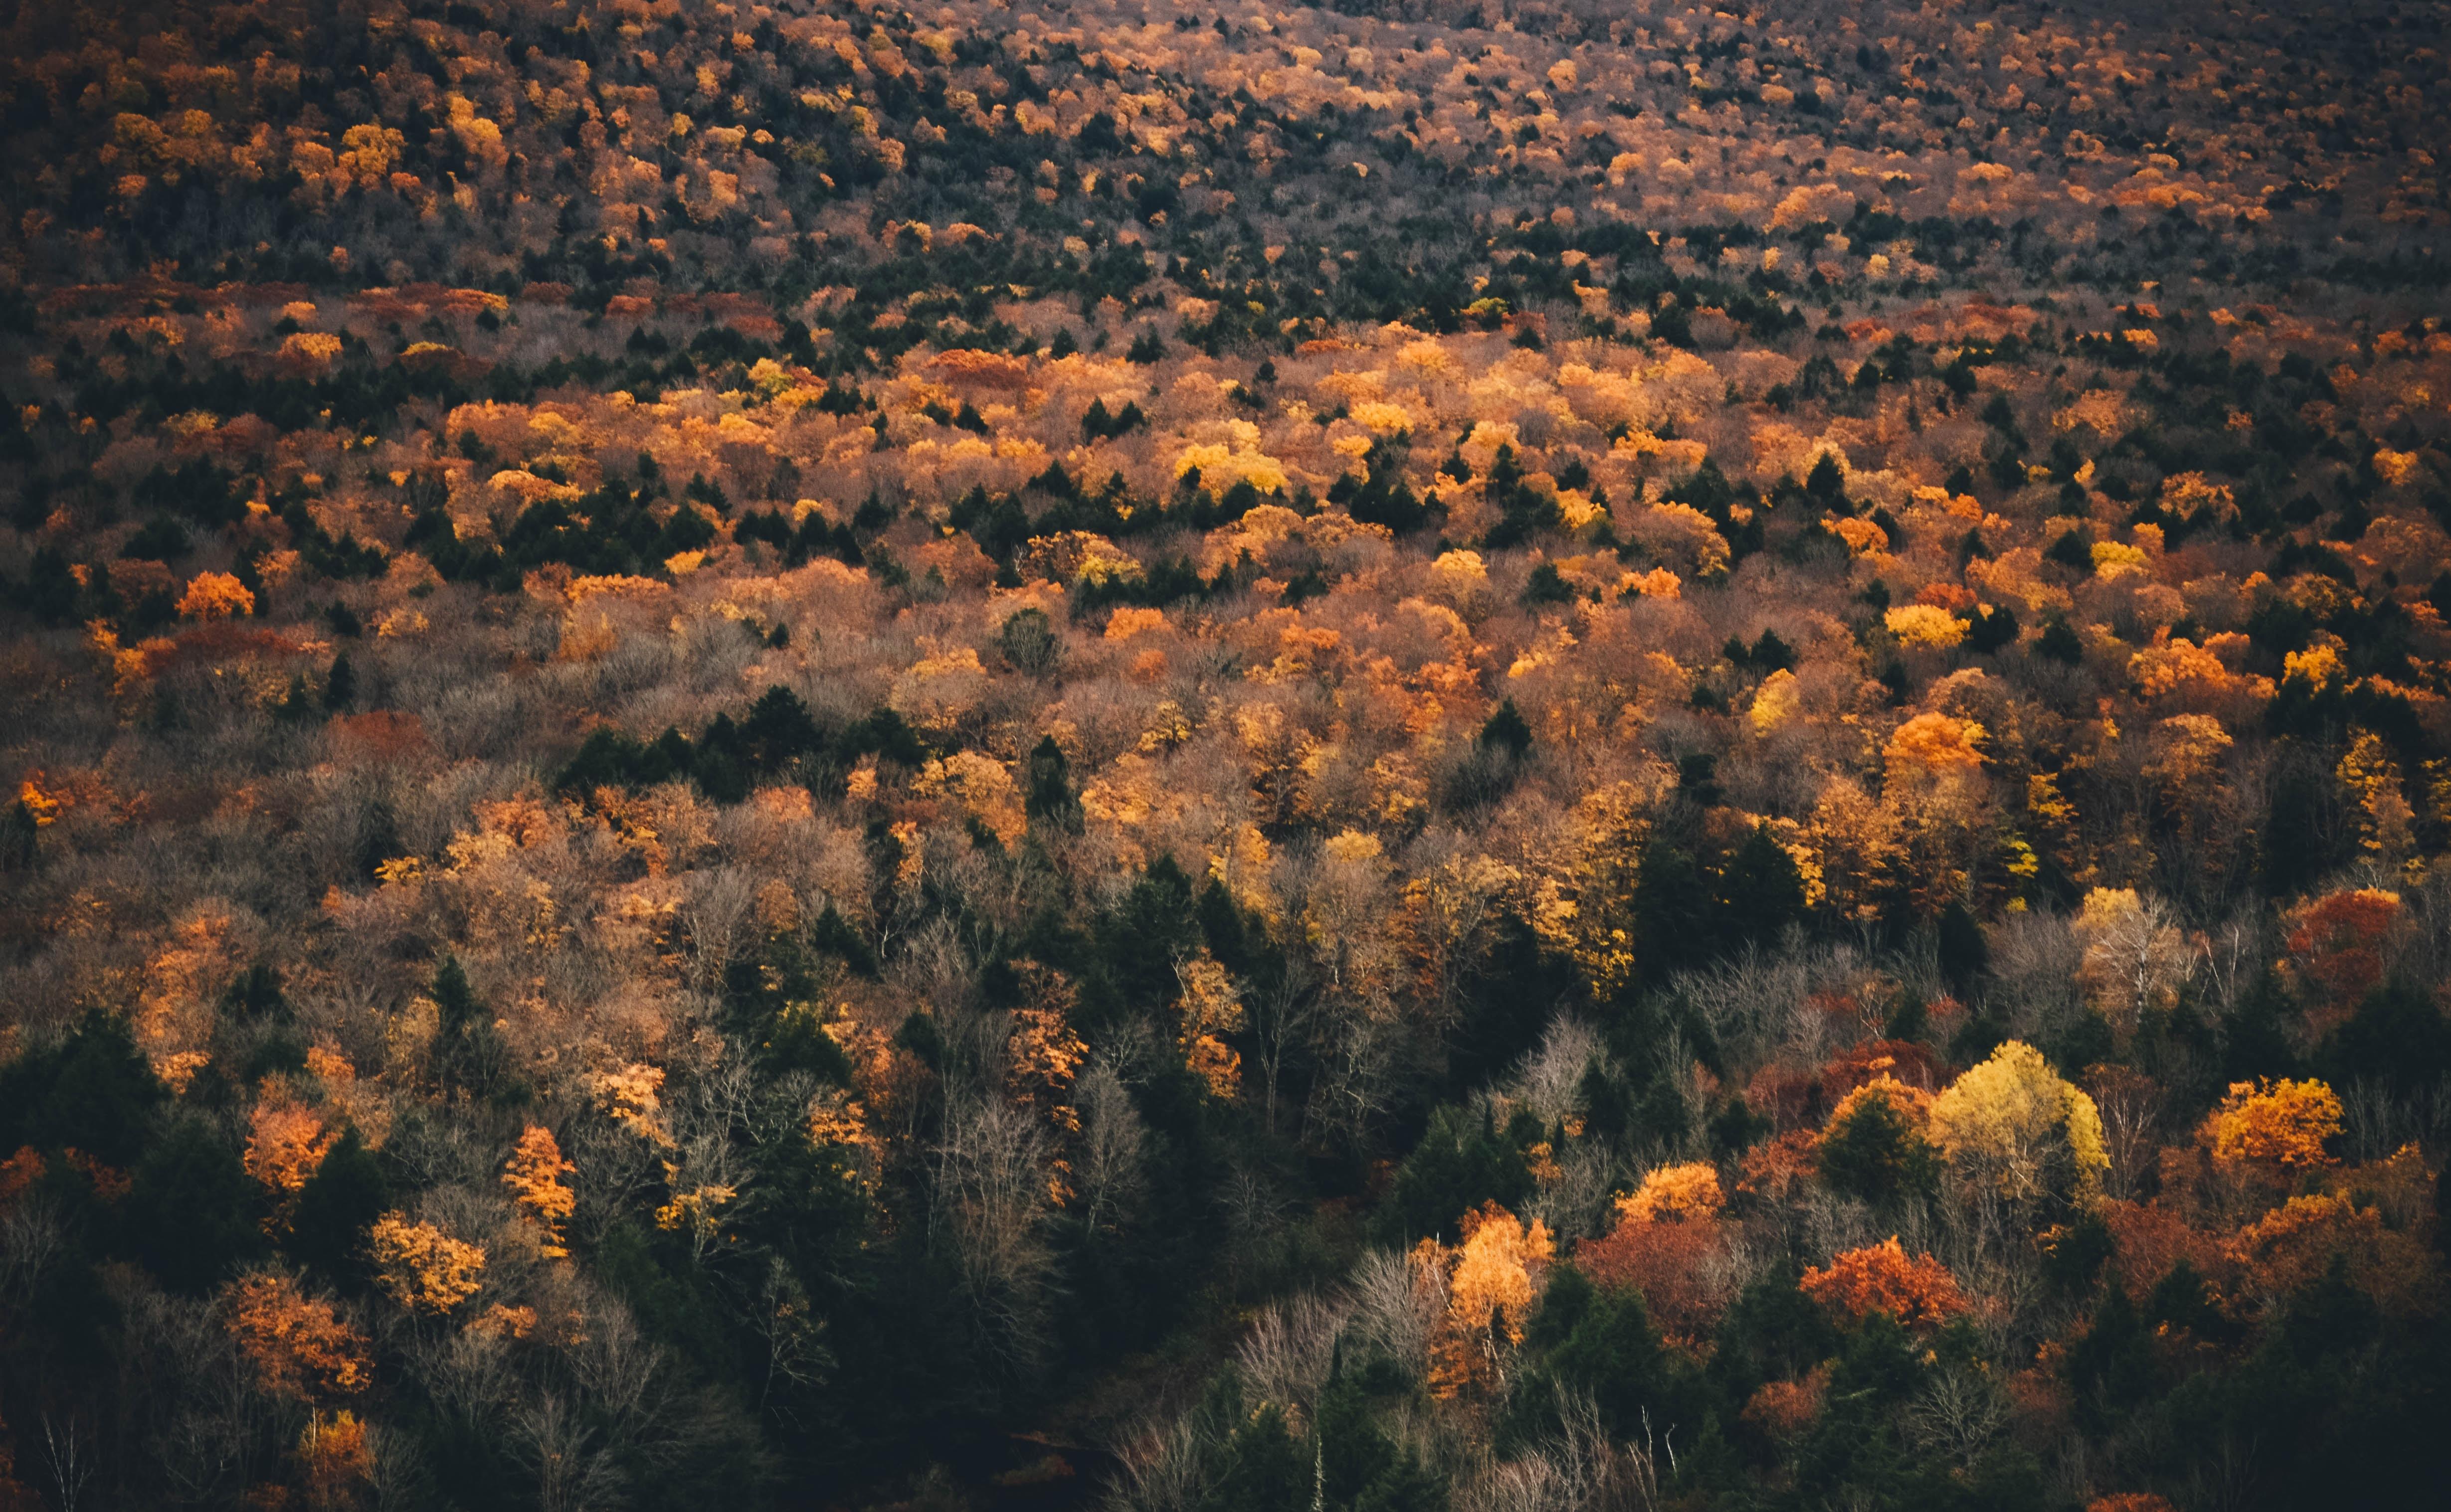 orange petaled flower field photo